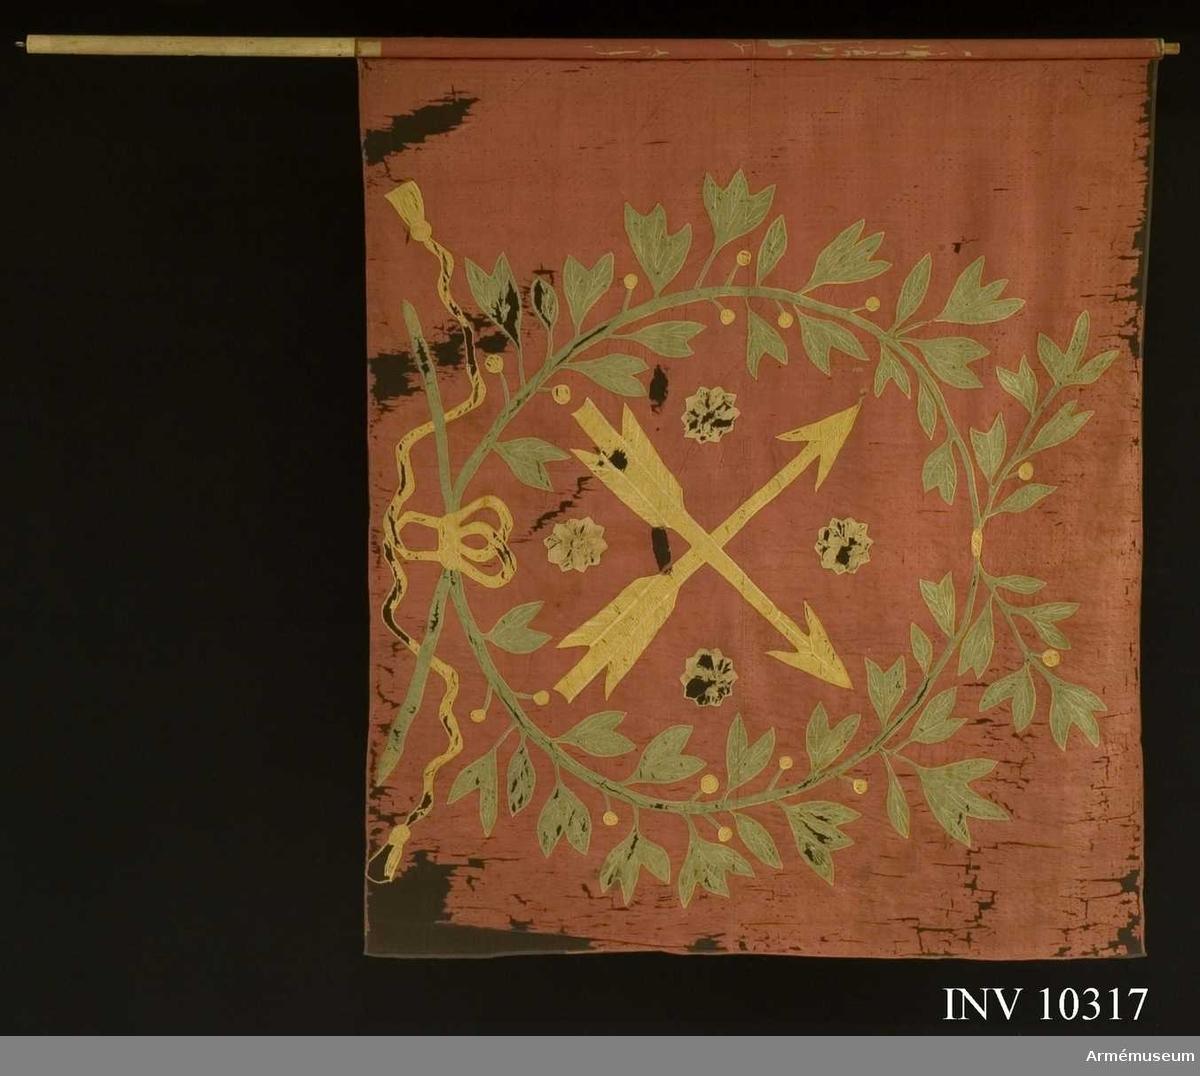 Grupp B I.  Fanduk av röd taft med insydda emblem: Närkes sköldemärke, två korslagda pilar i gult med fyra rosor i vitt (gulvitt) i vinklarna; allt omgivet av en lagerkrans bestående av två  korslagda lagerkvistar med bladverk och bär, nedtill hopknutna med band och tofsar. Kvistar av grön taft. Band, bär och tofsar av gul taft. Mönstring och konturer i plattsöm. Fäst på stången med rött sidenband och förgyllda kupiga spikar. Stång av vitmålad furu, nedtill avsågad. Holk och spets saknas.  Beställd 1718 hos målaren Johan Vijkman. Tilldelad regementet  år 1731.